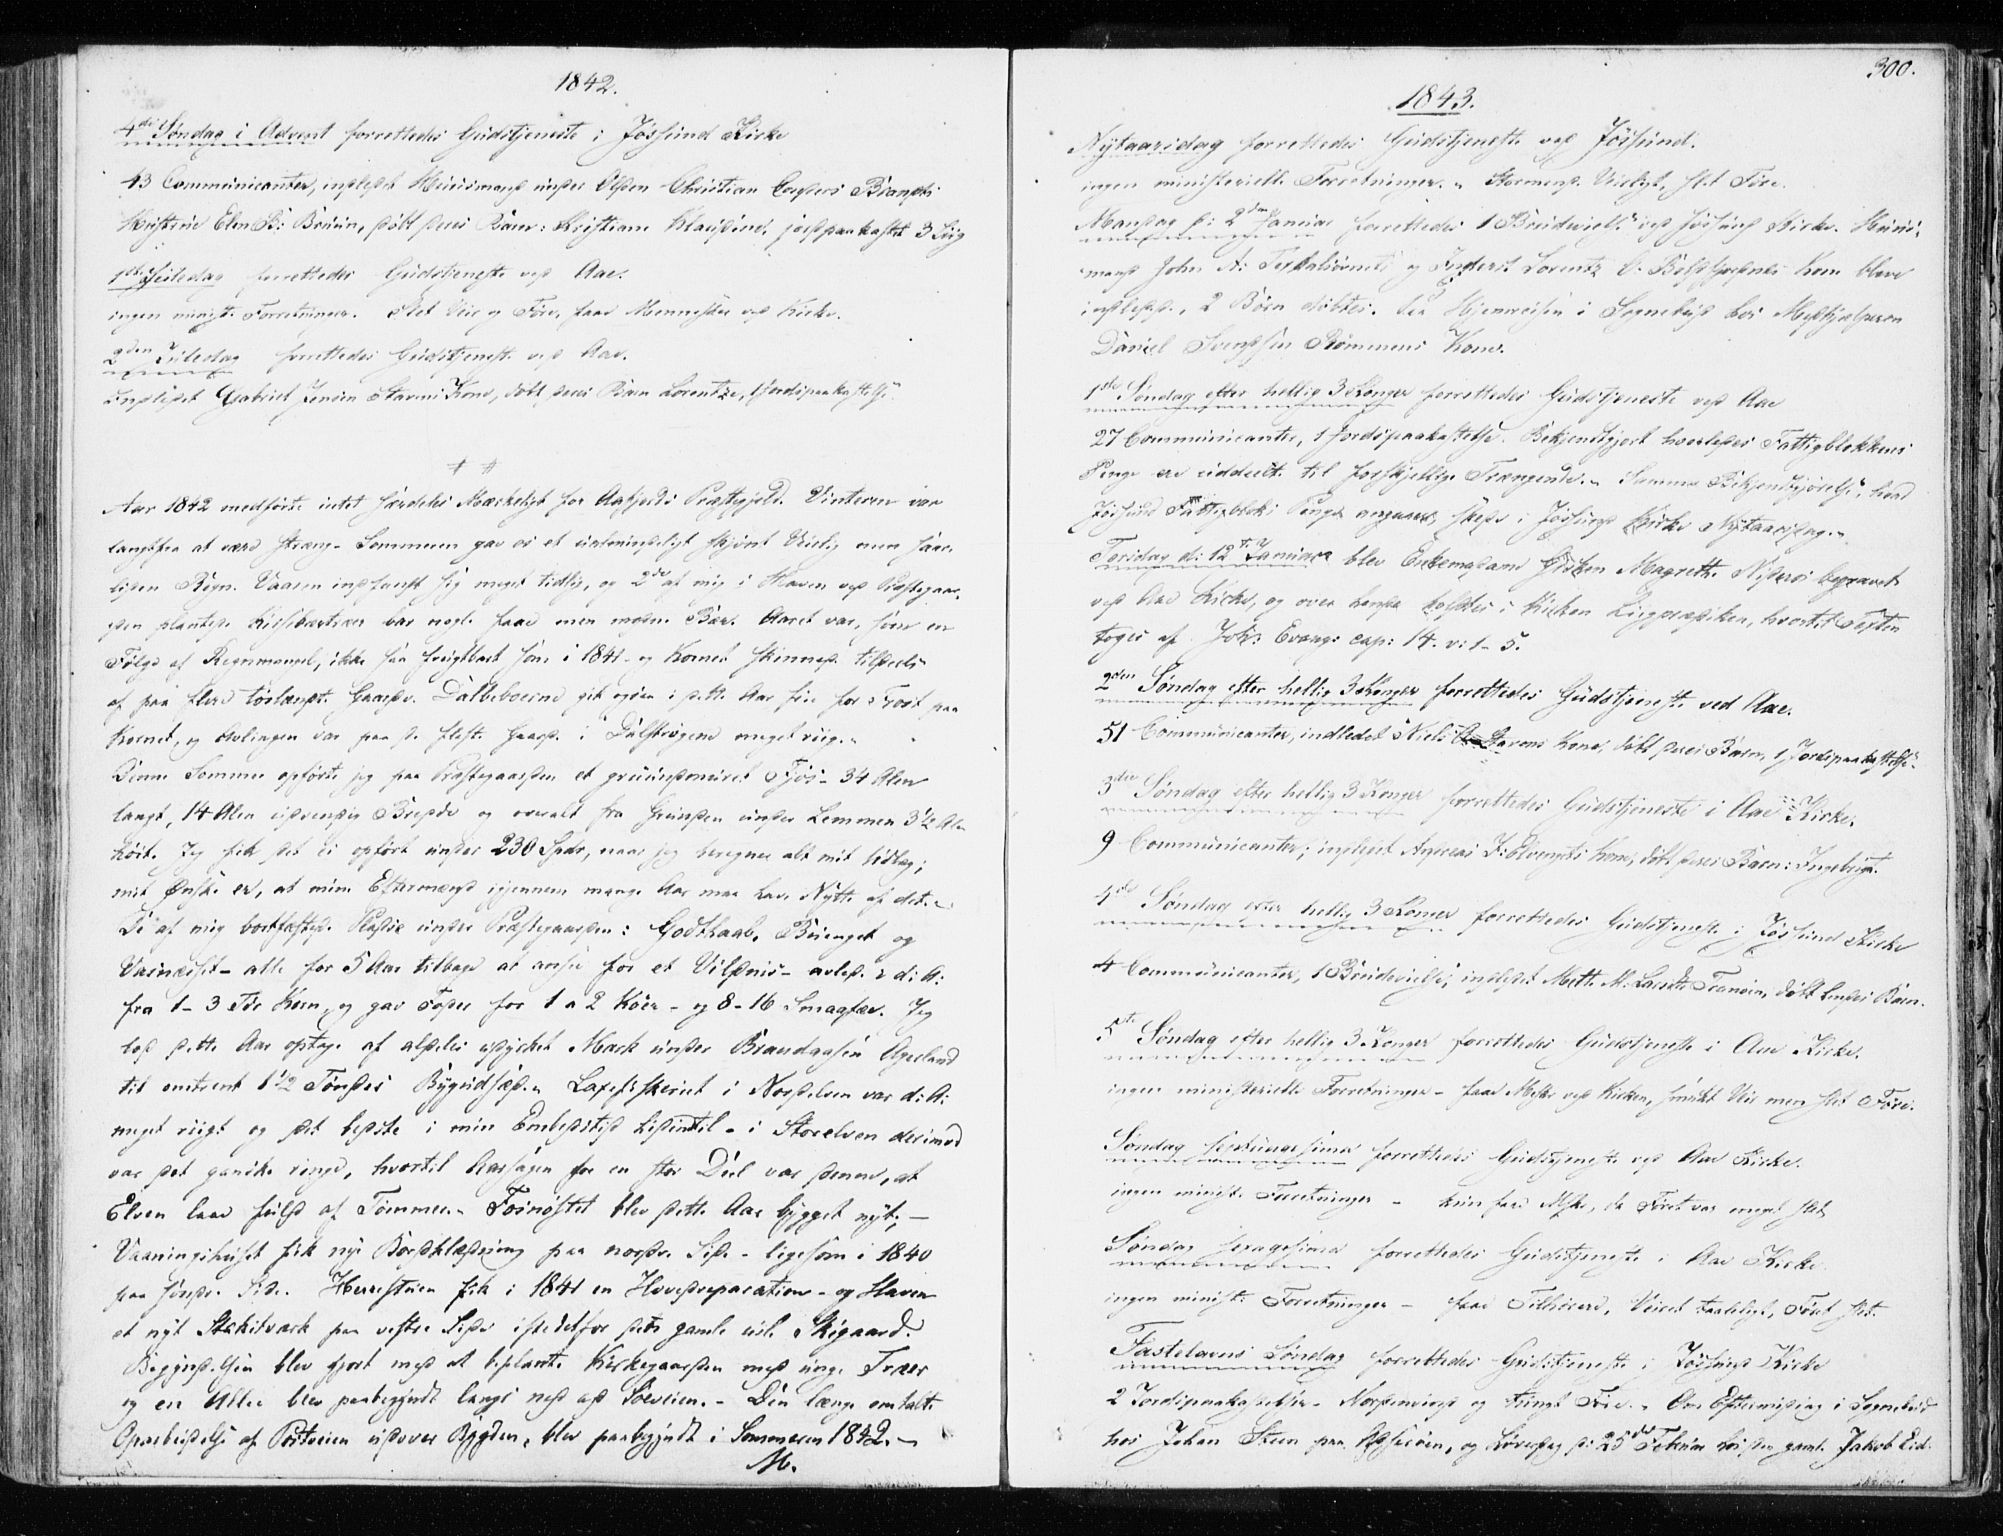 SAT, Ministerialprotokoller, klokkerbøker og fødselsregistre - Sør-Trøndelag, 655/L0676: Ministerialbok nr. 655A05, 1830-1847, s. 300